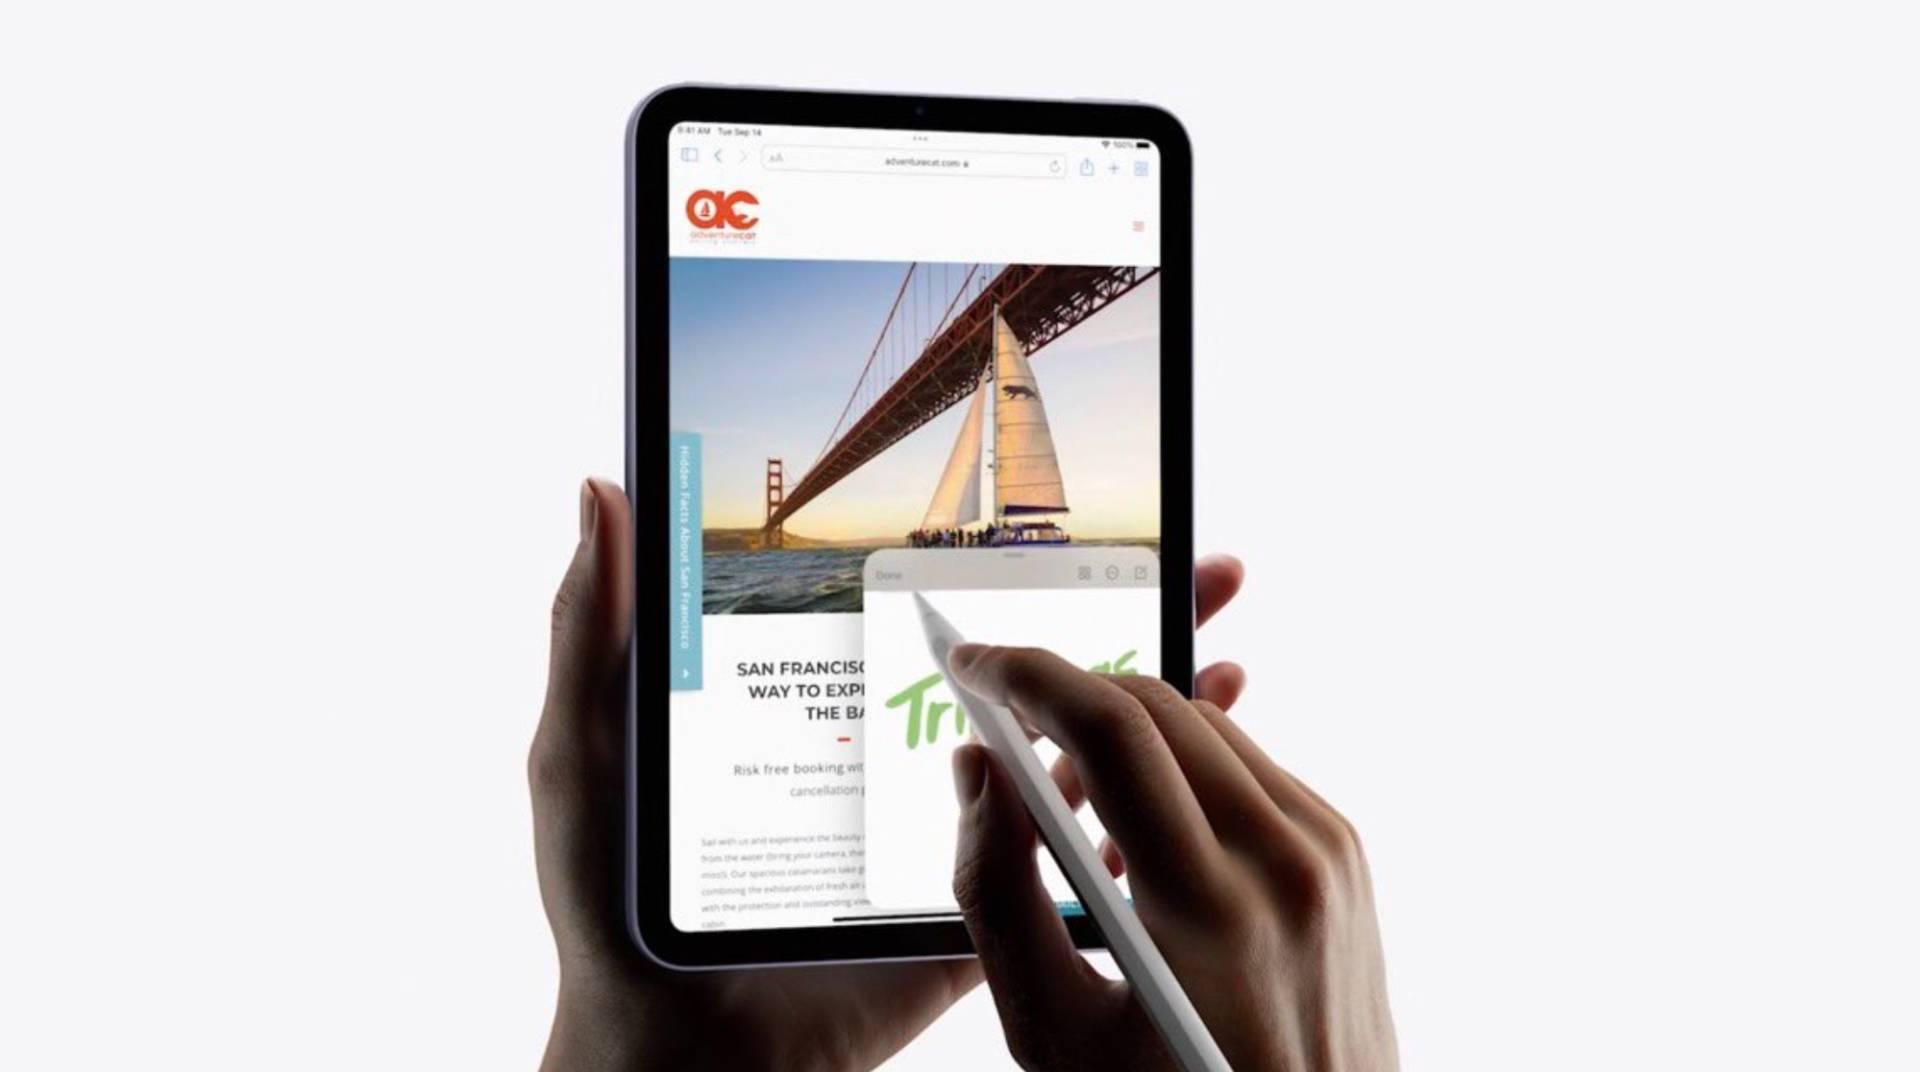 Evento Apple del 14 settembre: nuovi iPad e Watch 7, tutte le novità presentate al keynote